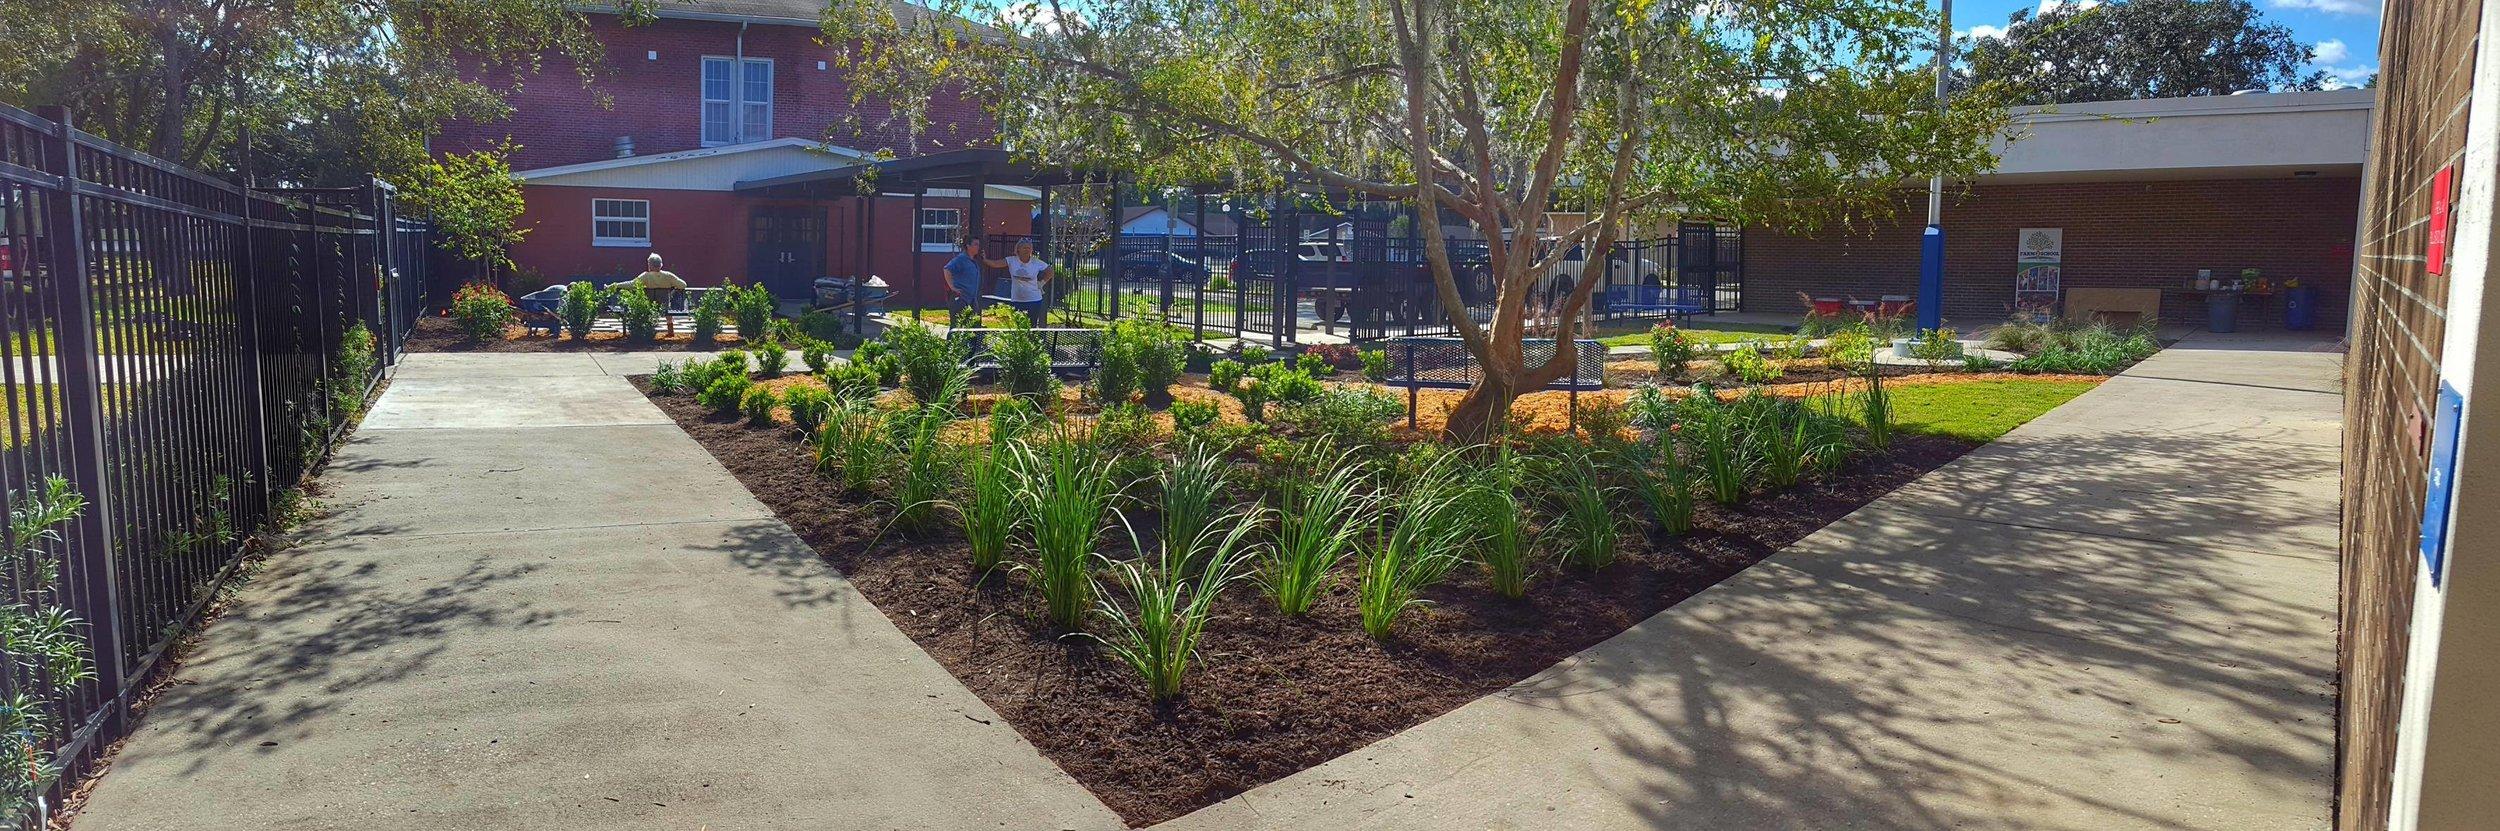 Cork Elementary Reading Garden, Installed November 2017